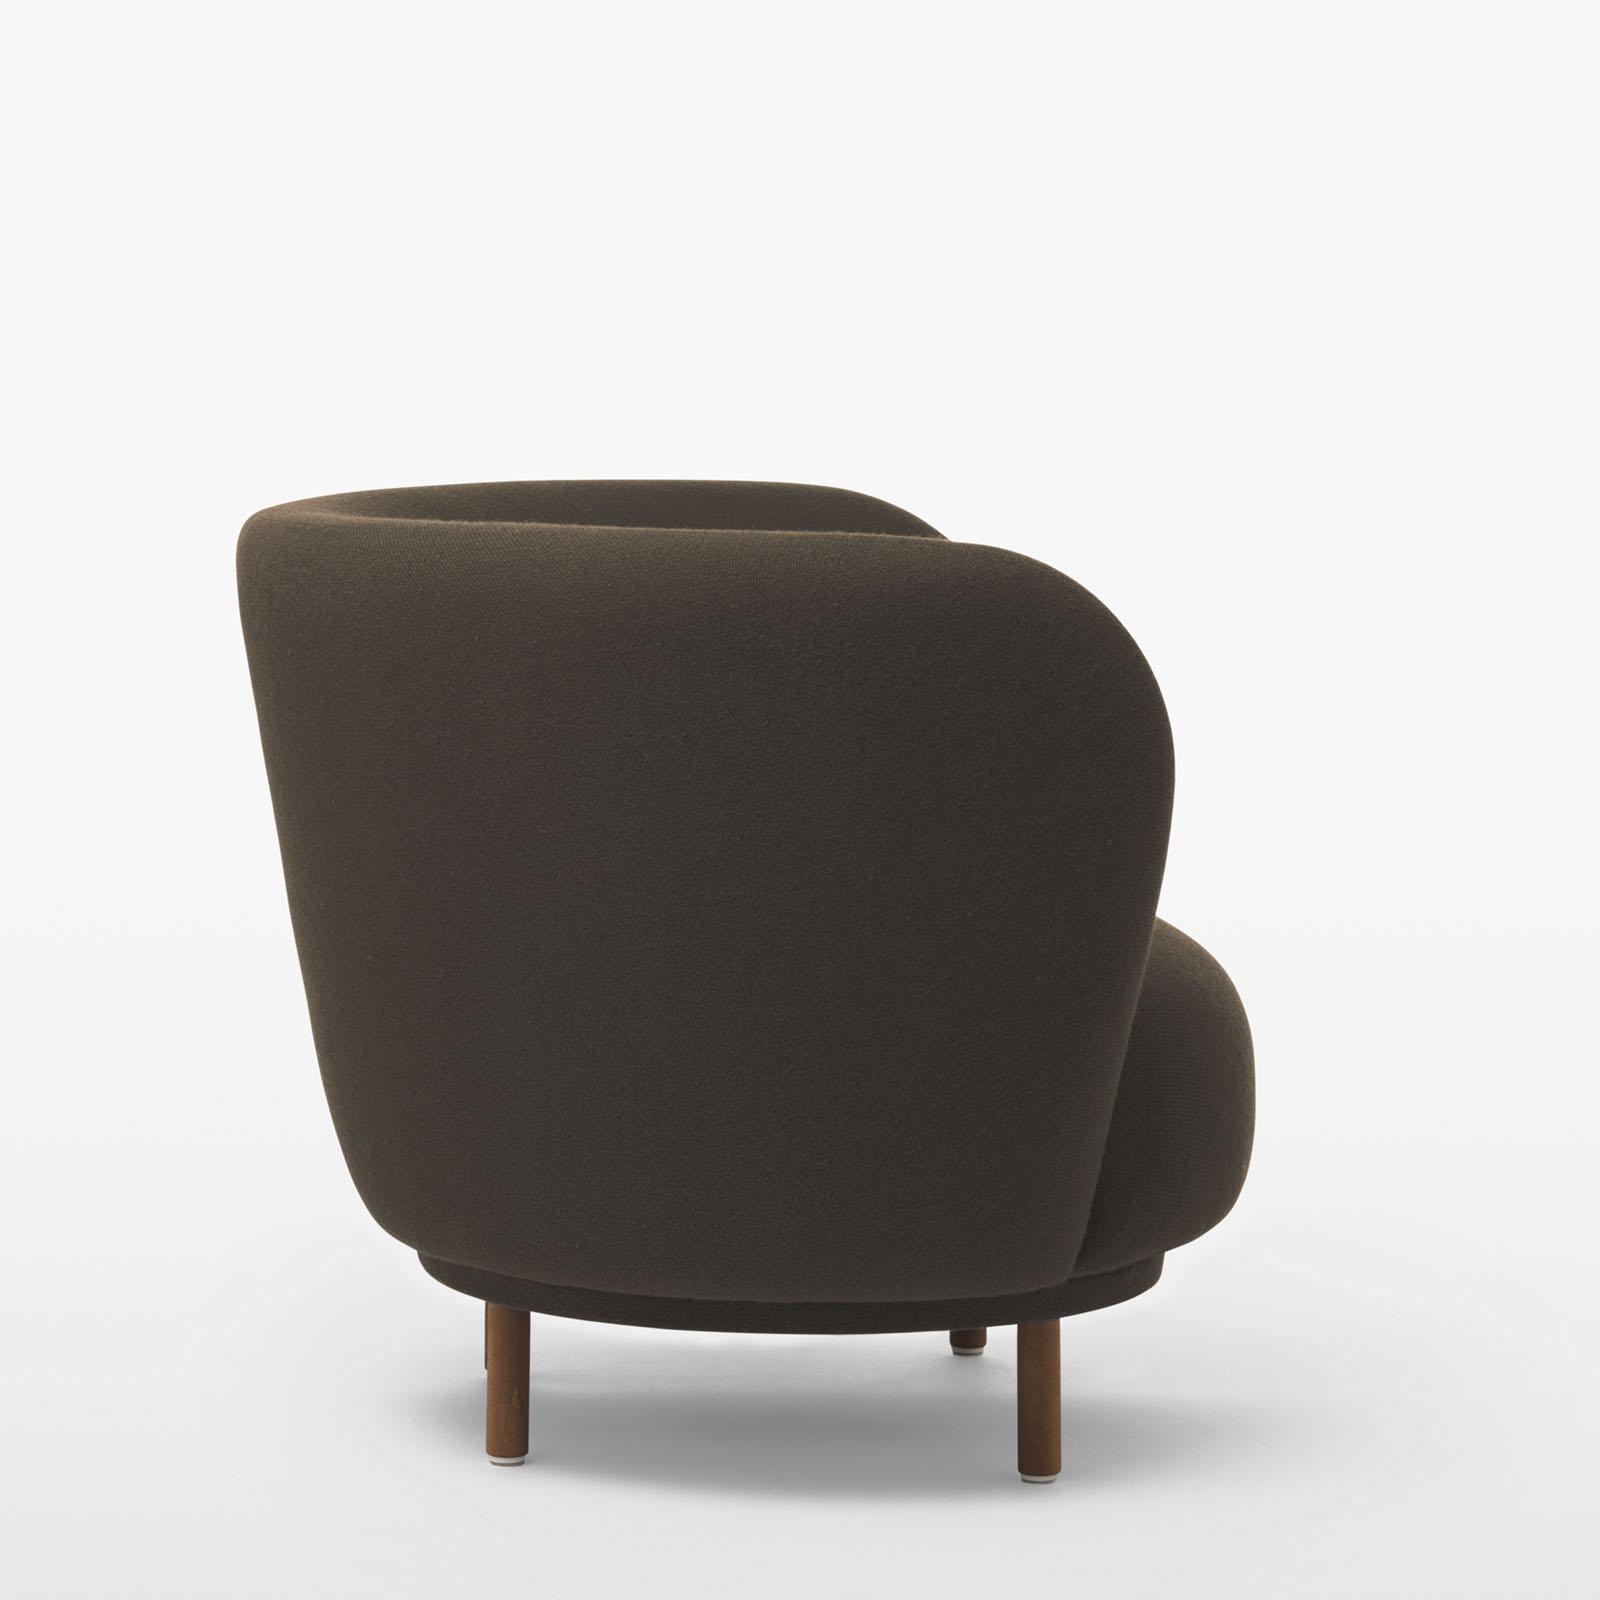 TinnappleMetz-massproductions-dandy-armchair-02